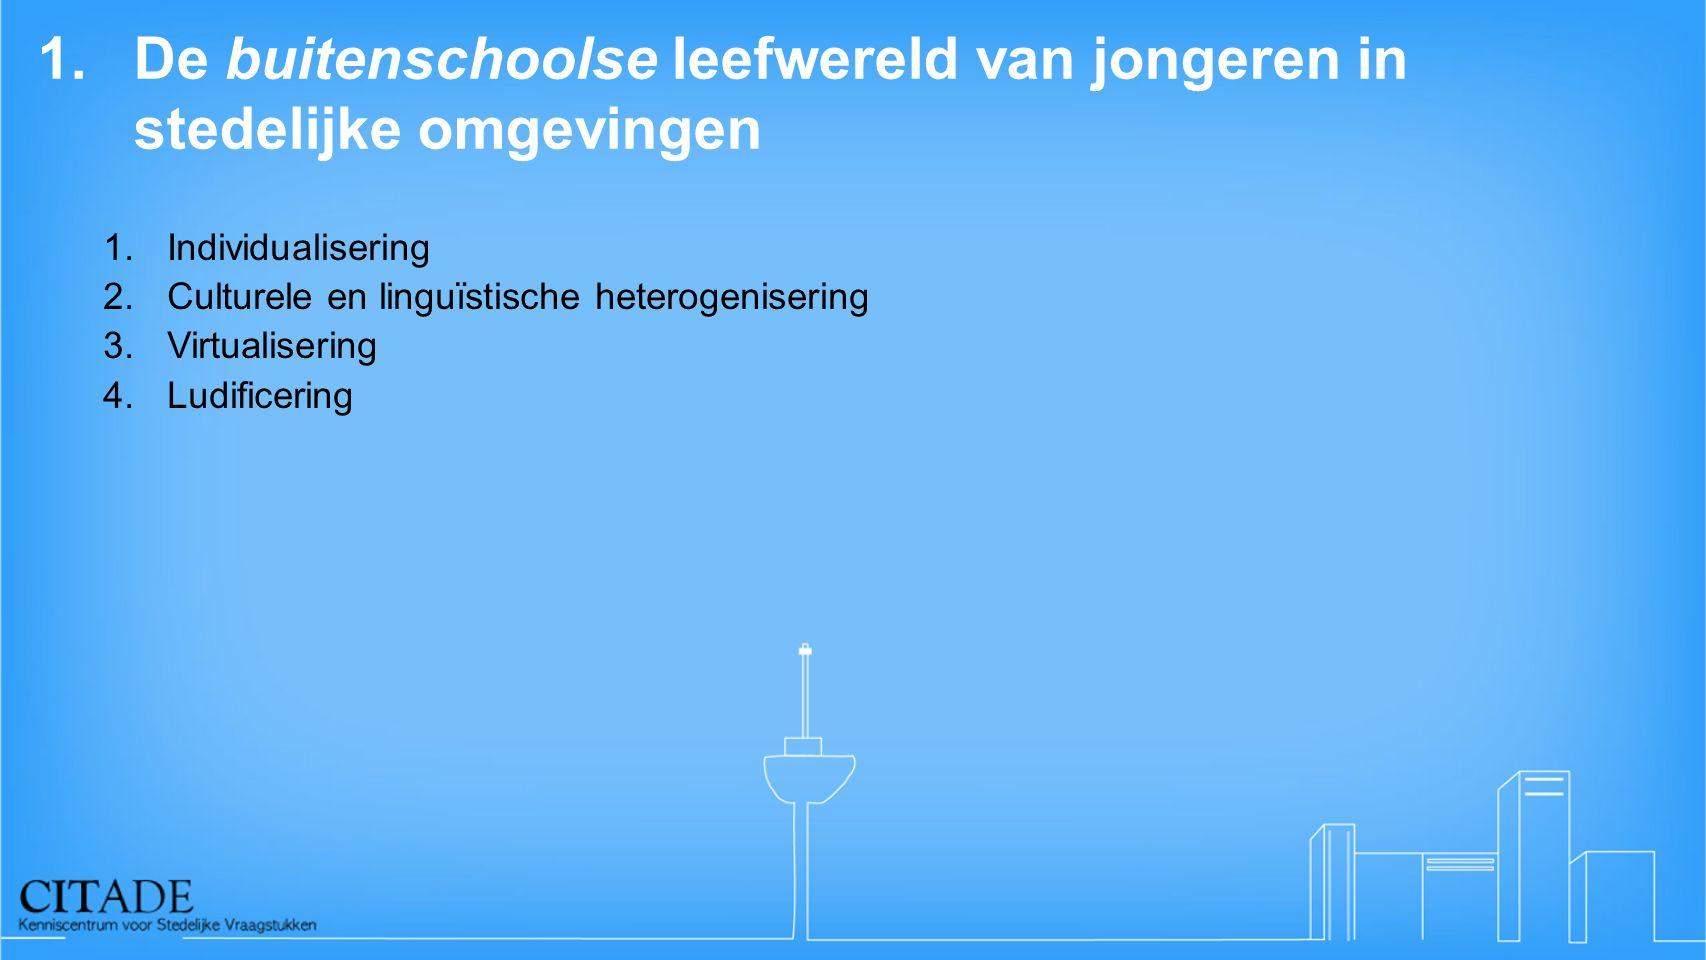 1.De buitenschoolse leefwereld van jongeren in stedelijke omgevingen 1.Individualisering 2.Culturele en linguïstische heterogenisering 3.Virtualiserin